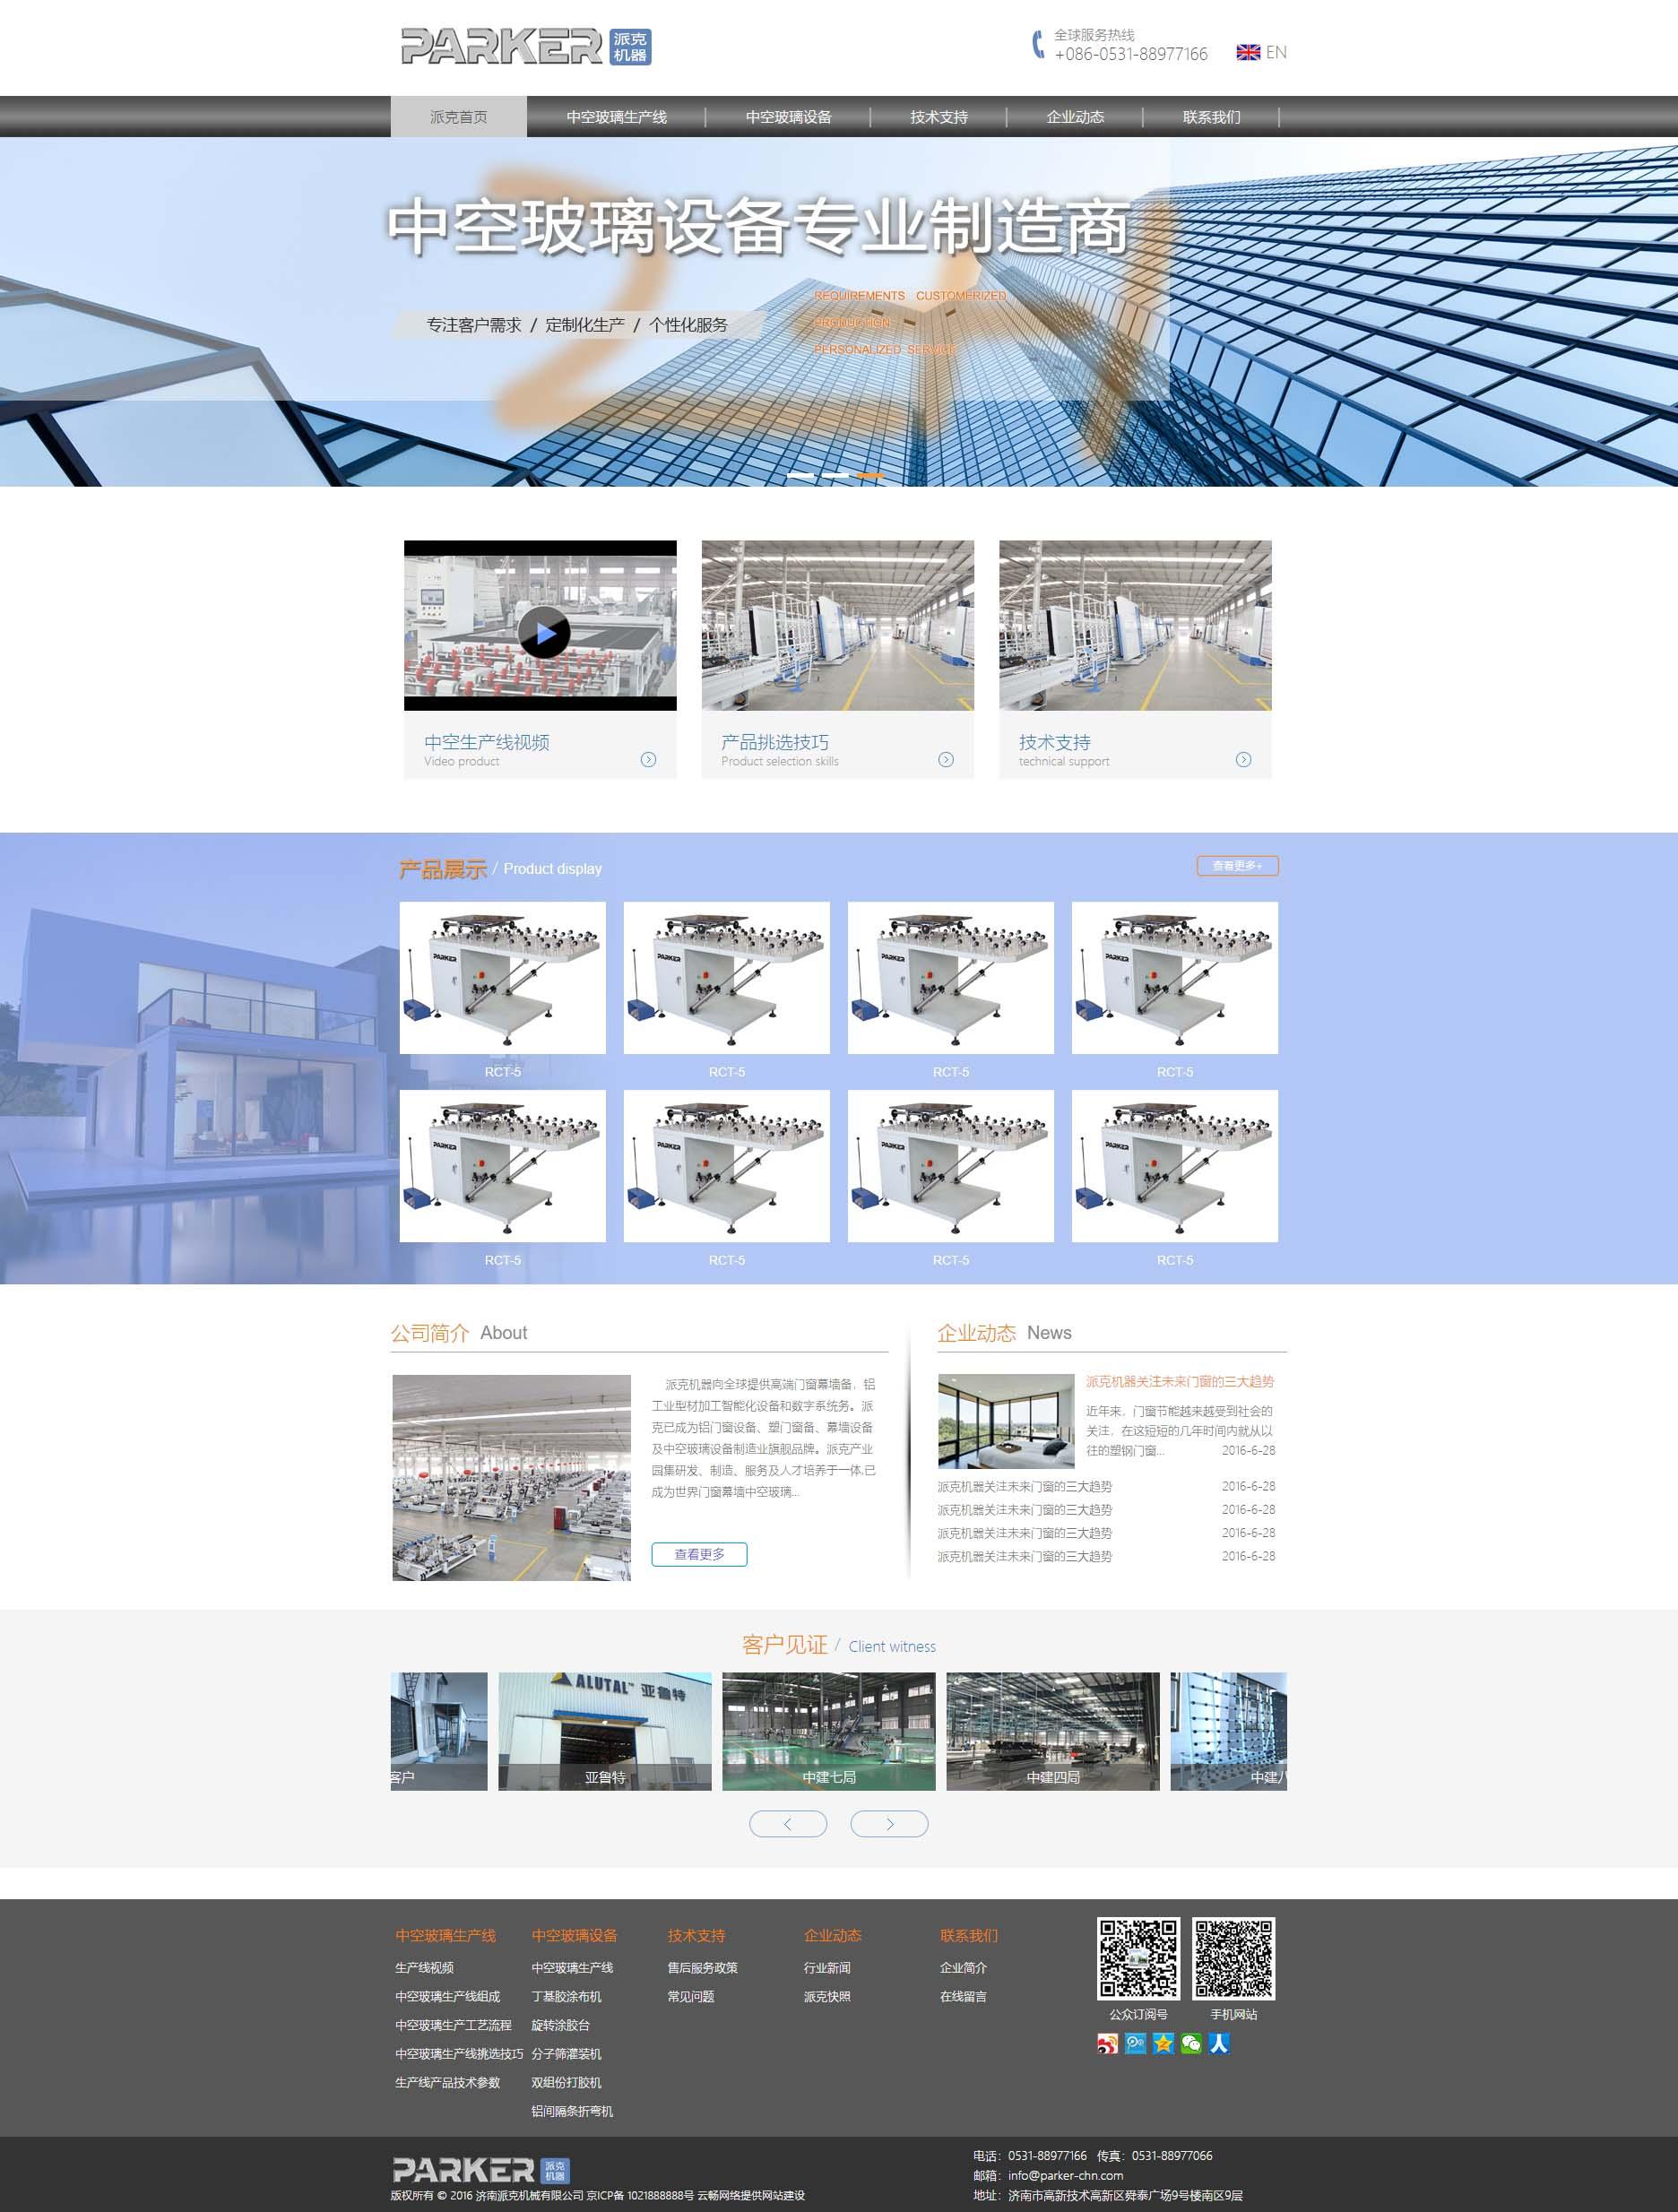 灰色调机械设备生产企业网站静态模板